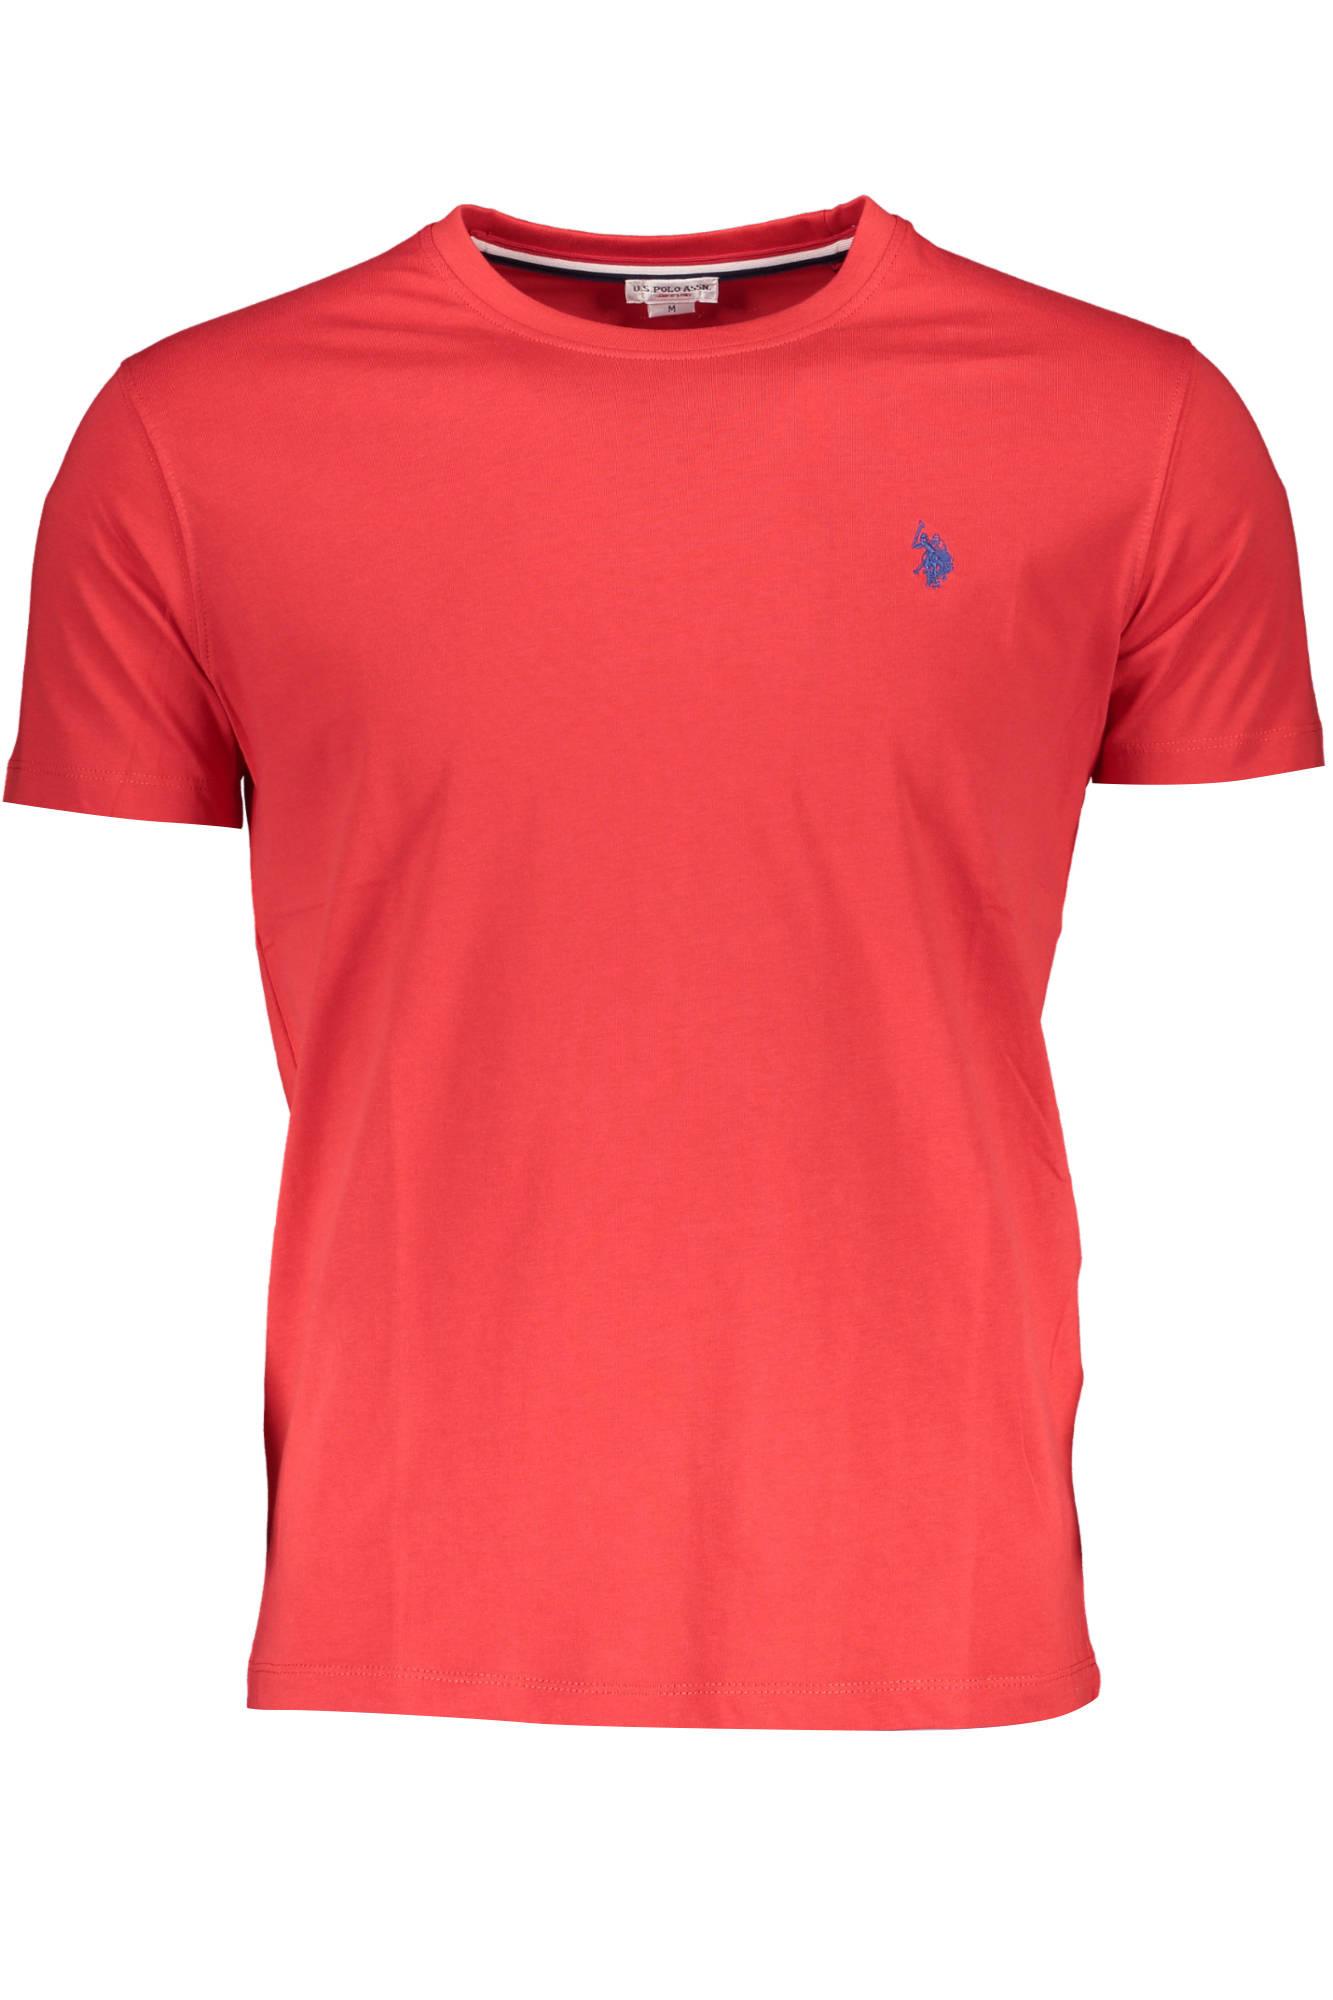 Tričko U.S. POLO tričko s krátkým rukávem ROSSO